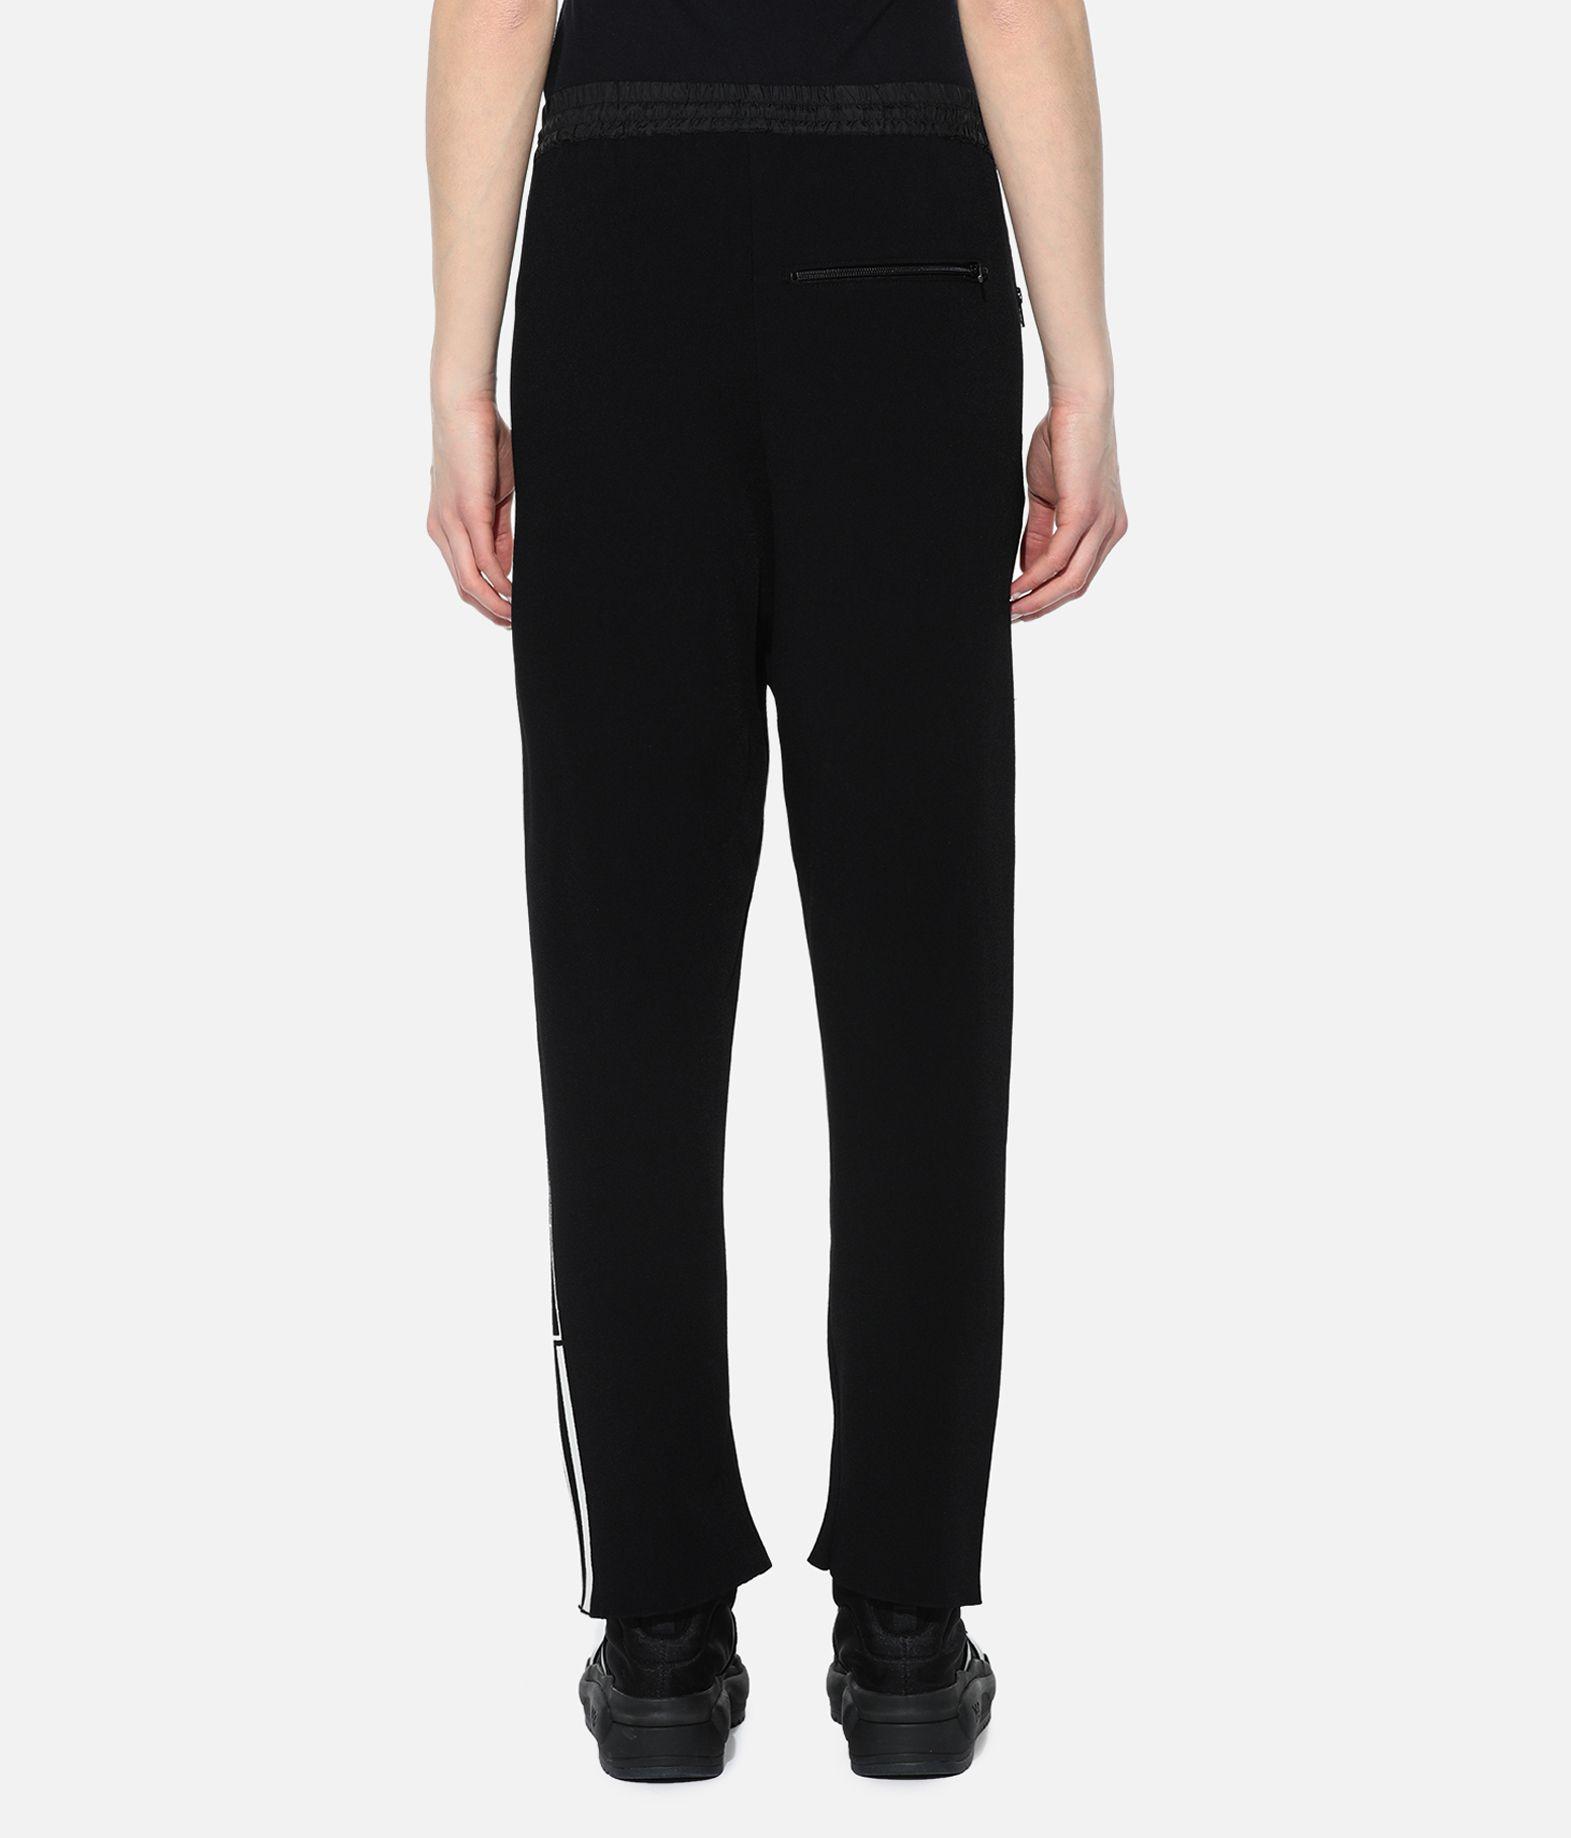 Y-3 Y-3 Tech Knit Wide Pants パンツ レディース d